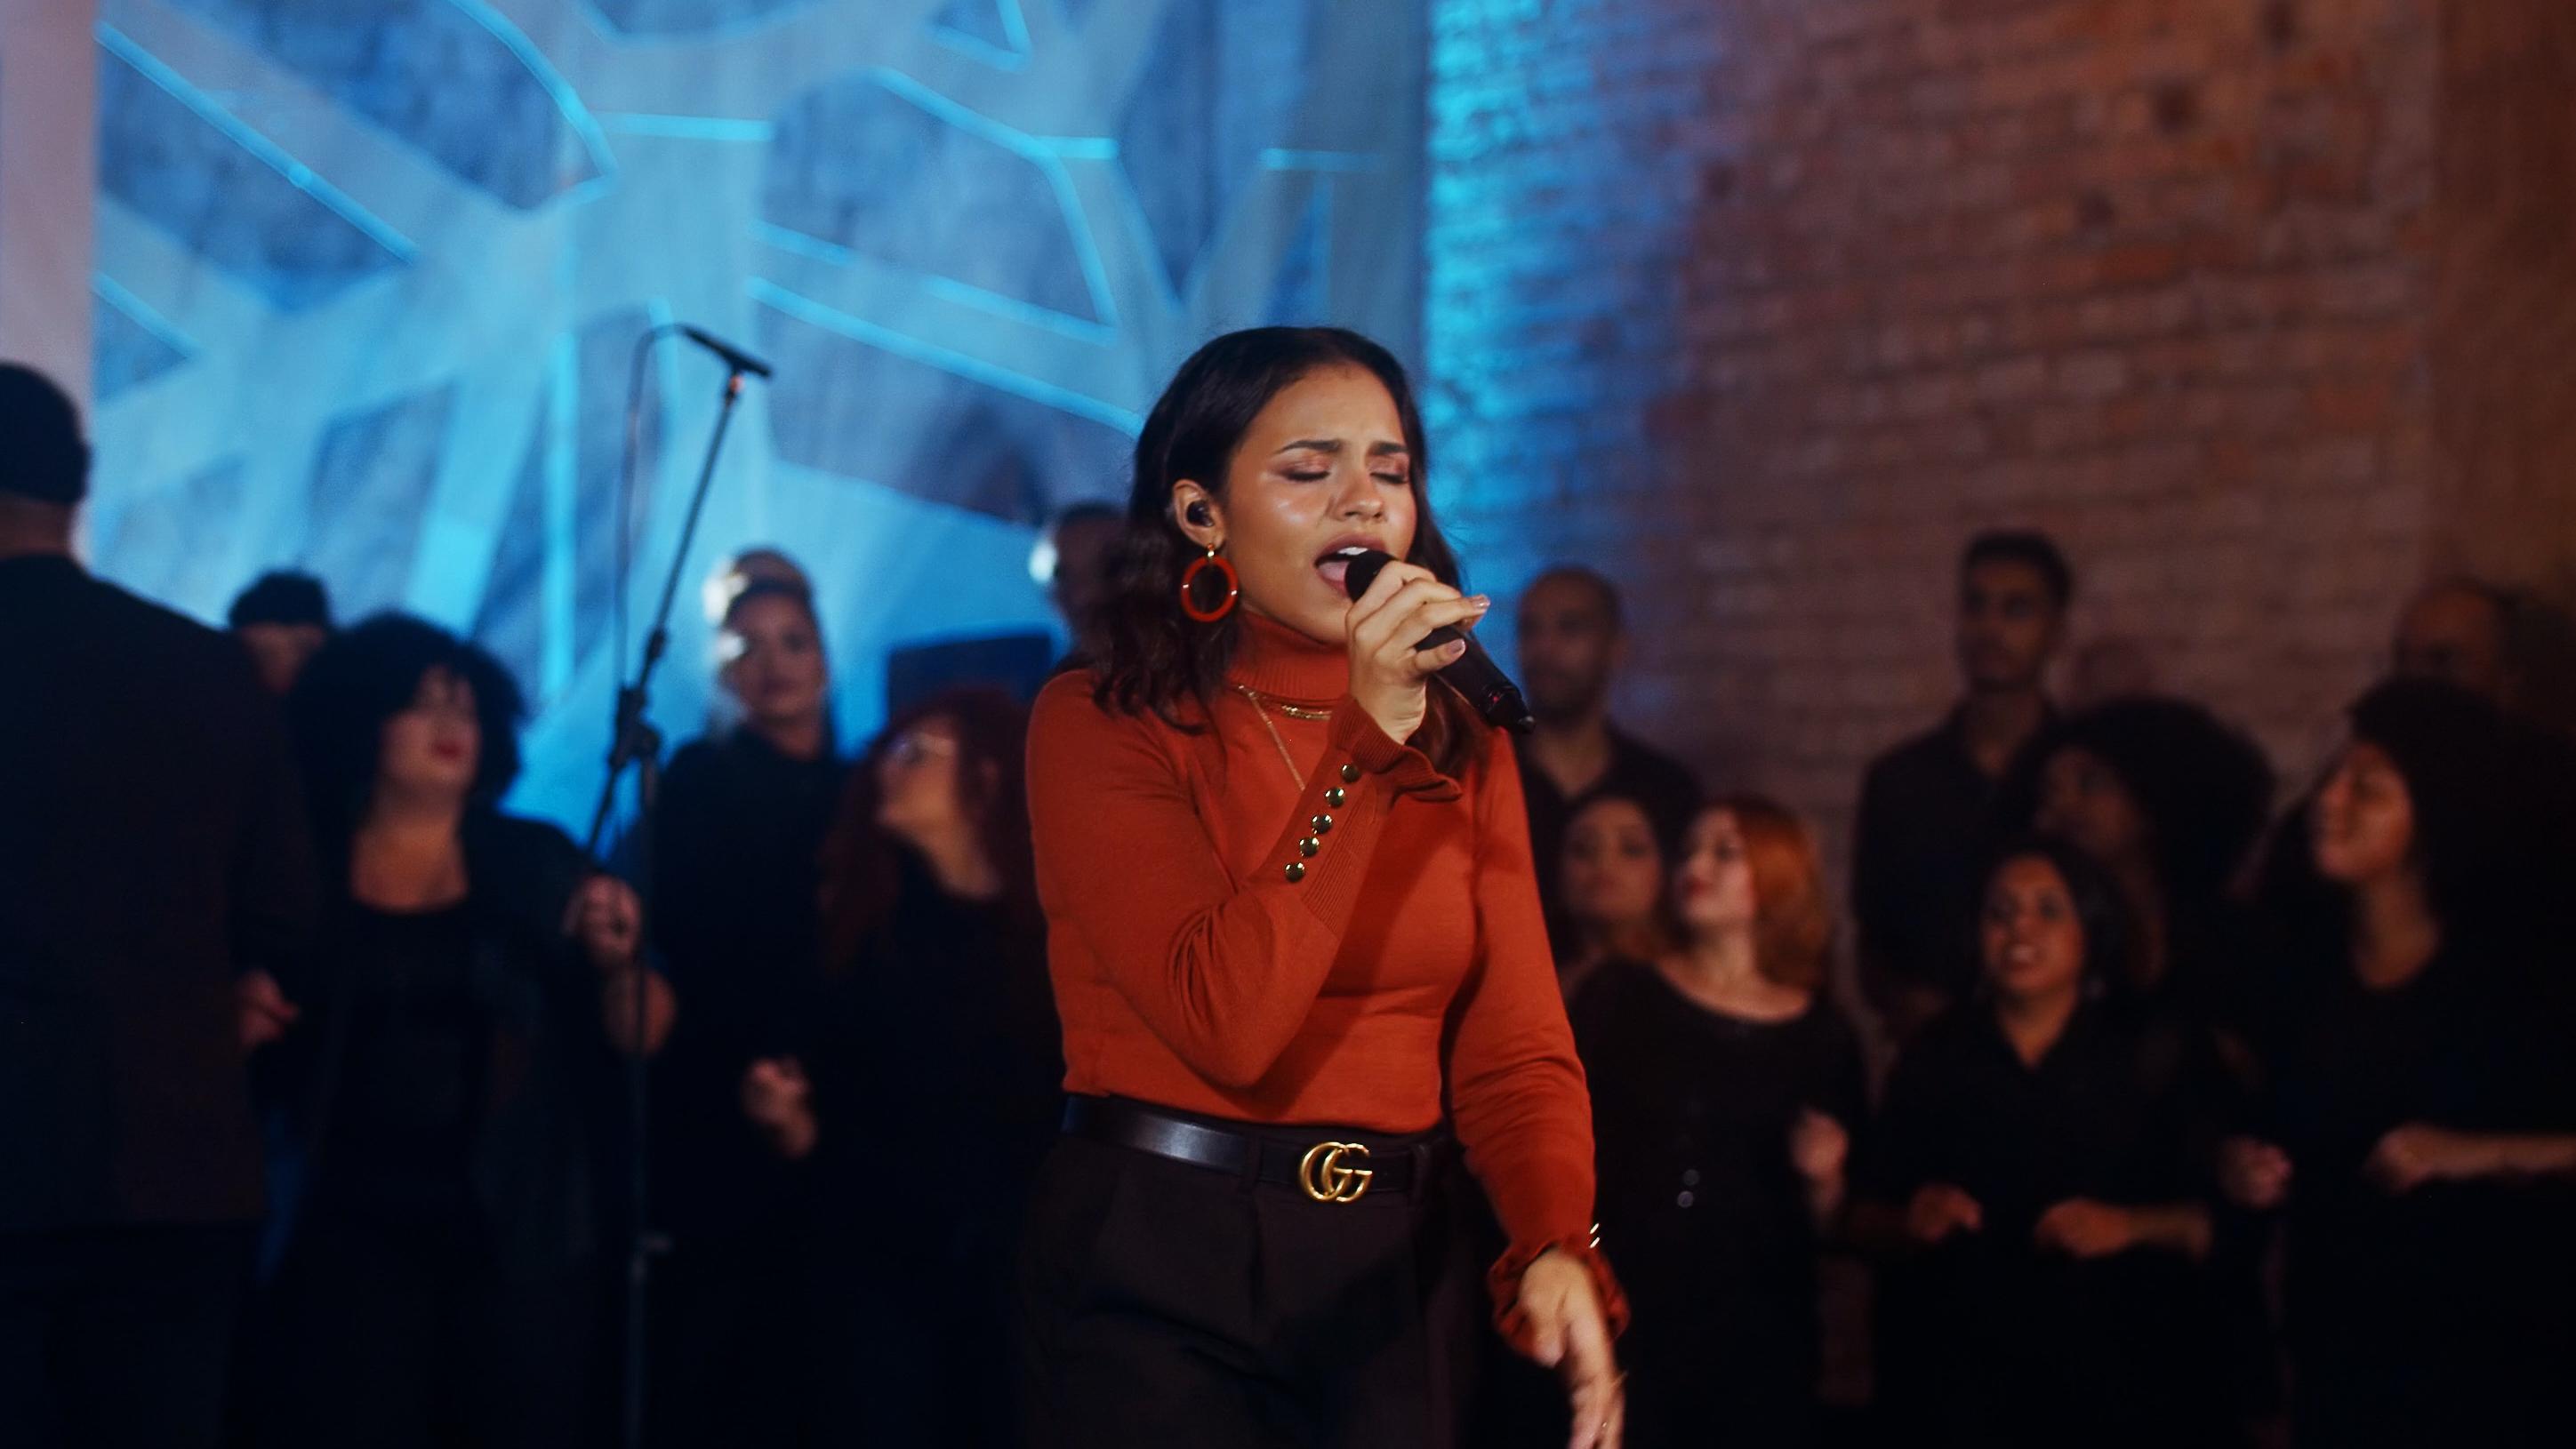 Com participação de coral, Julia Vitória lança o single